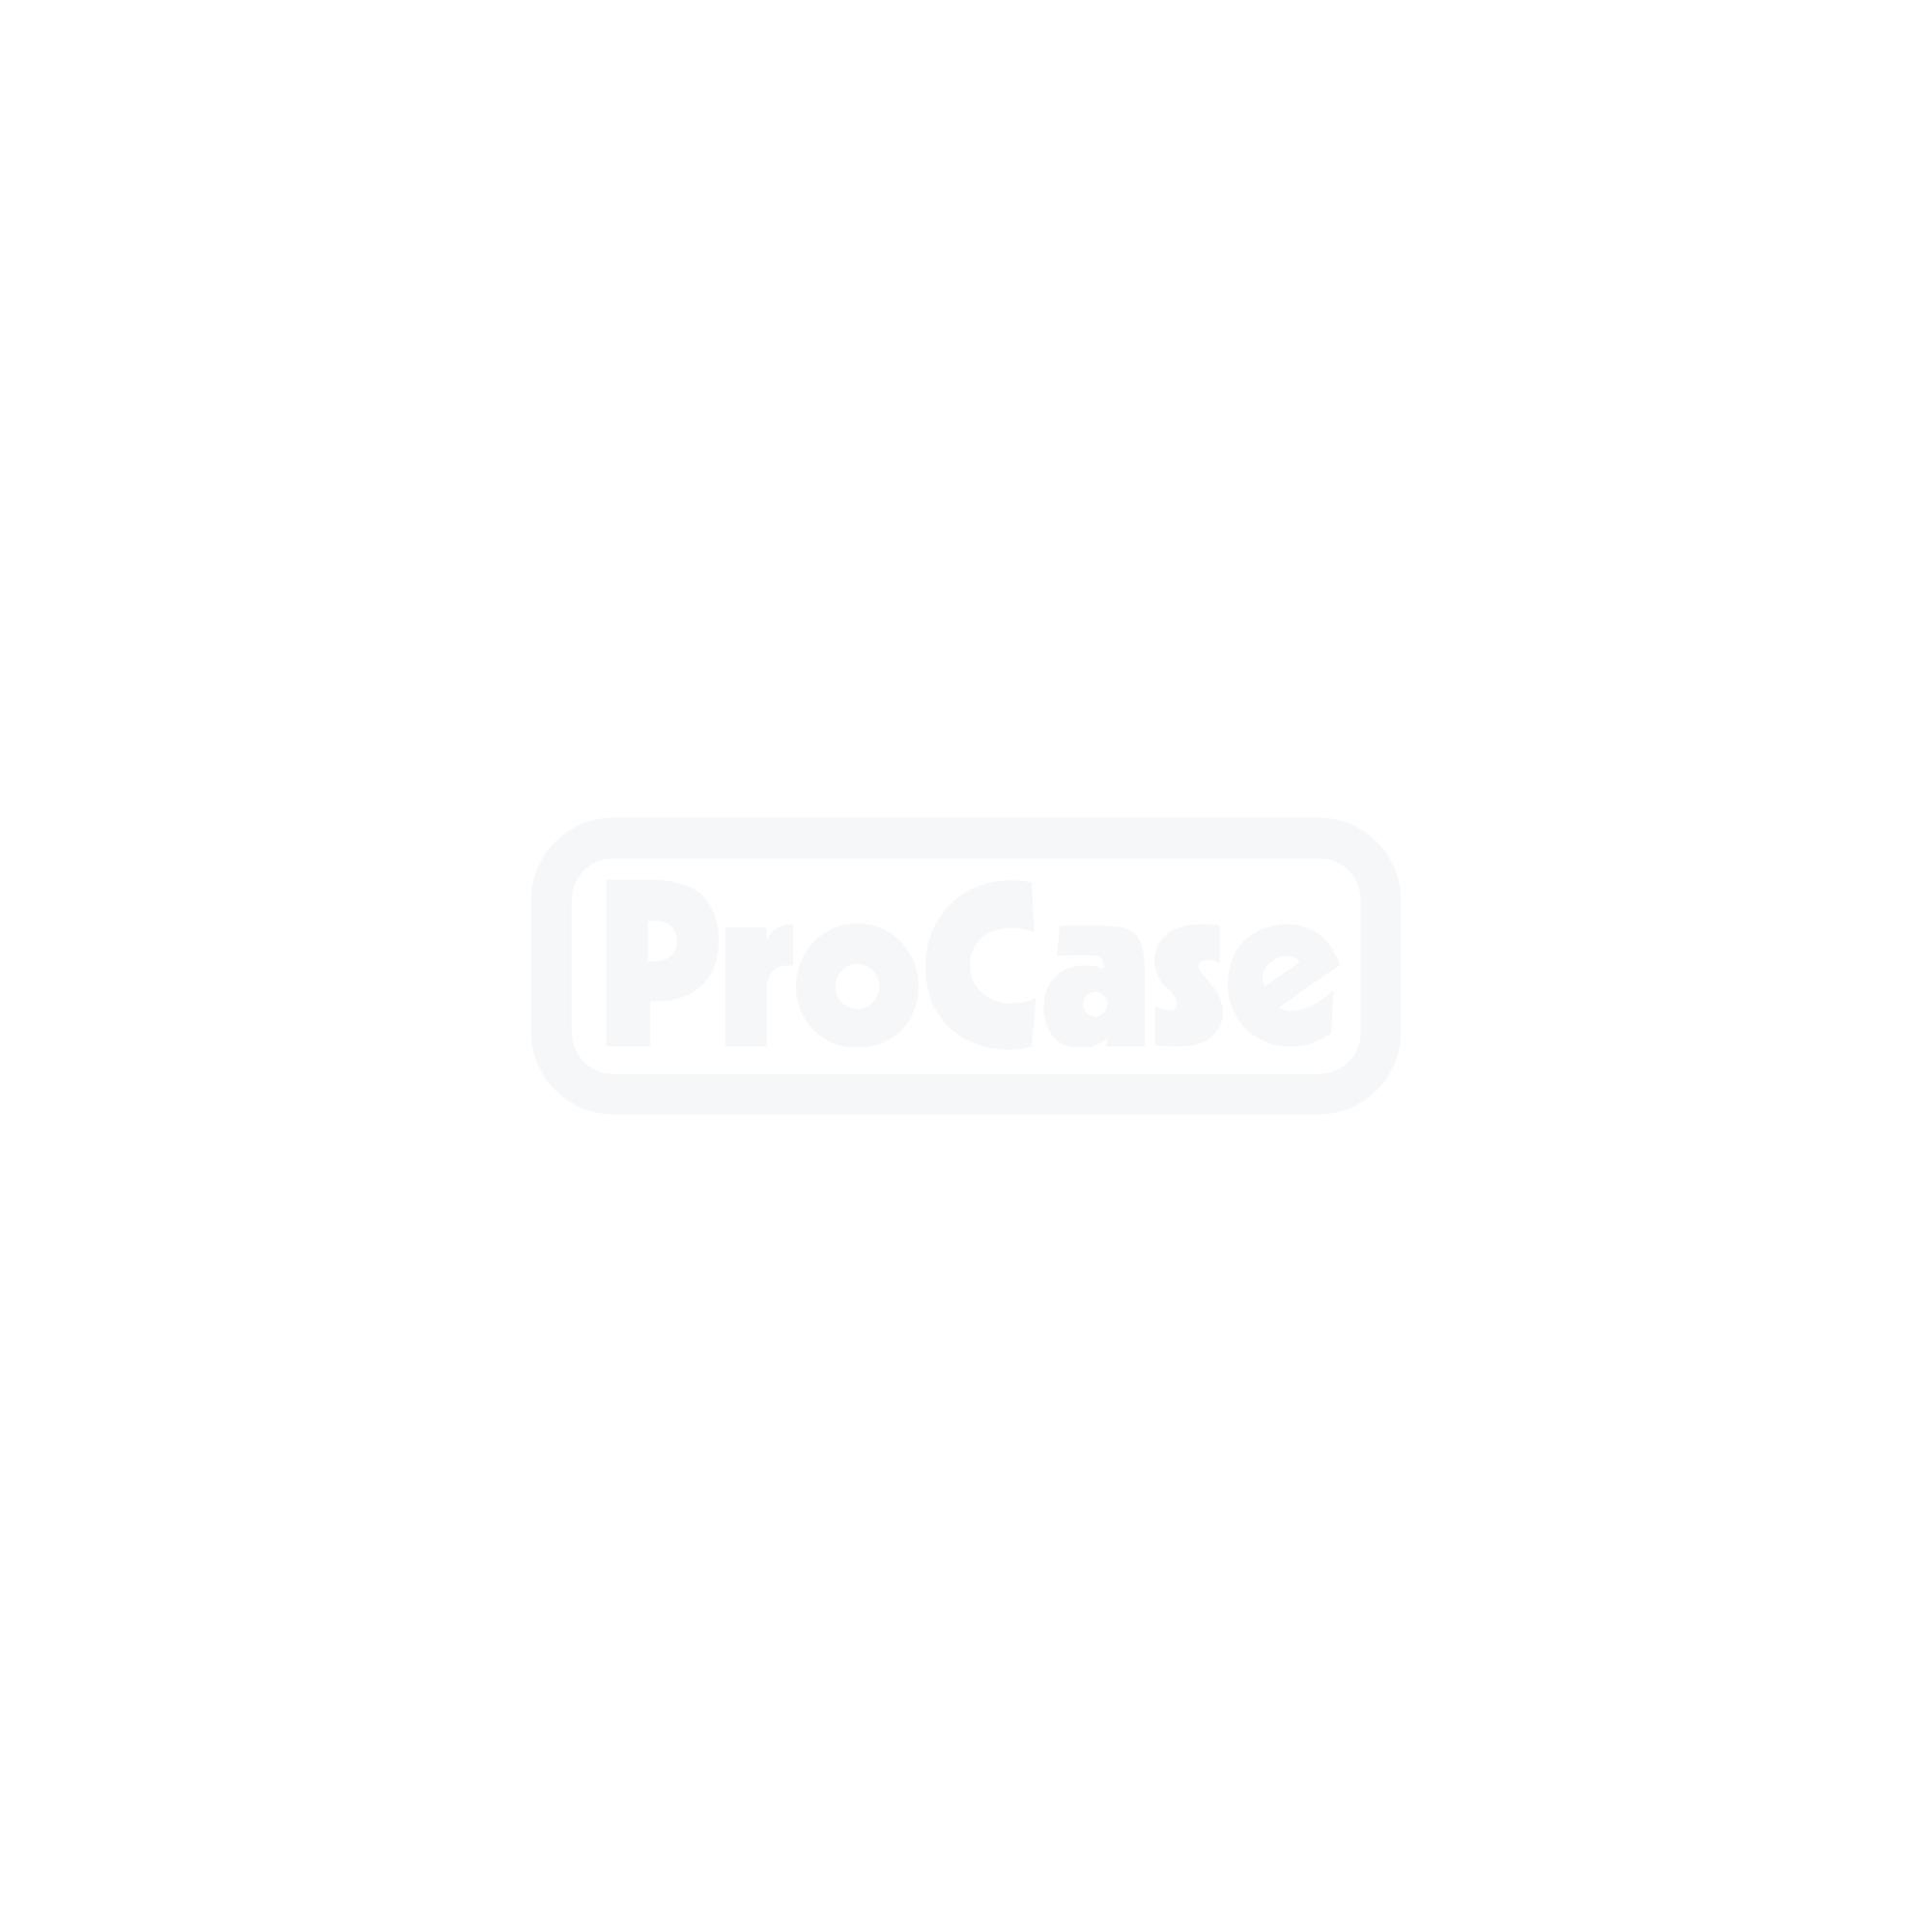 Flipcase für Allen&Heath dLive C1500 mit Stagebox